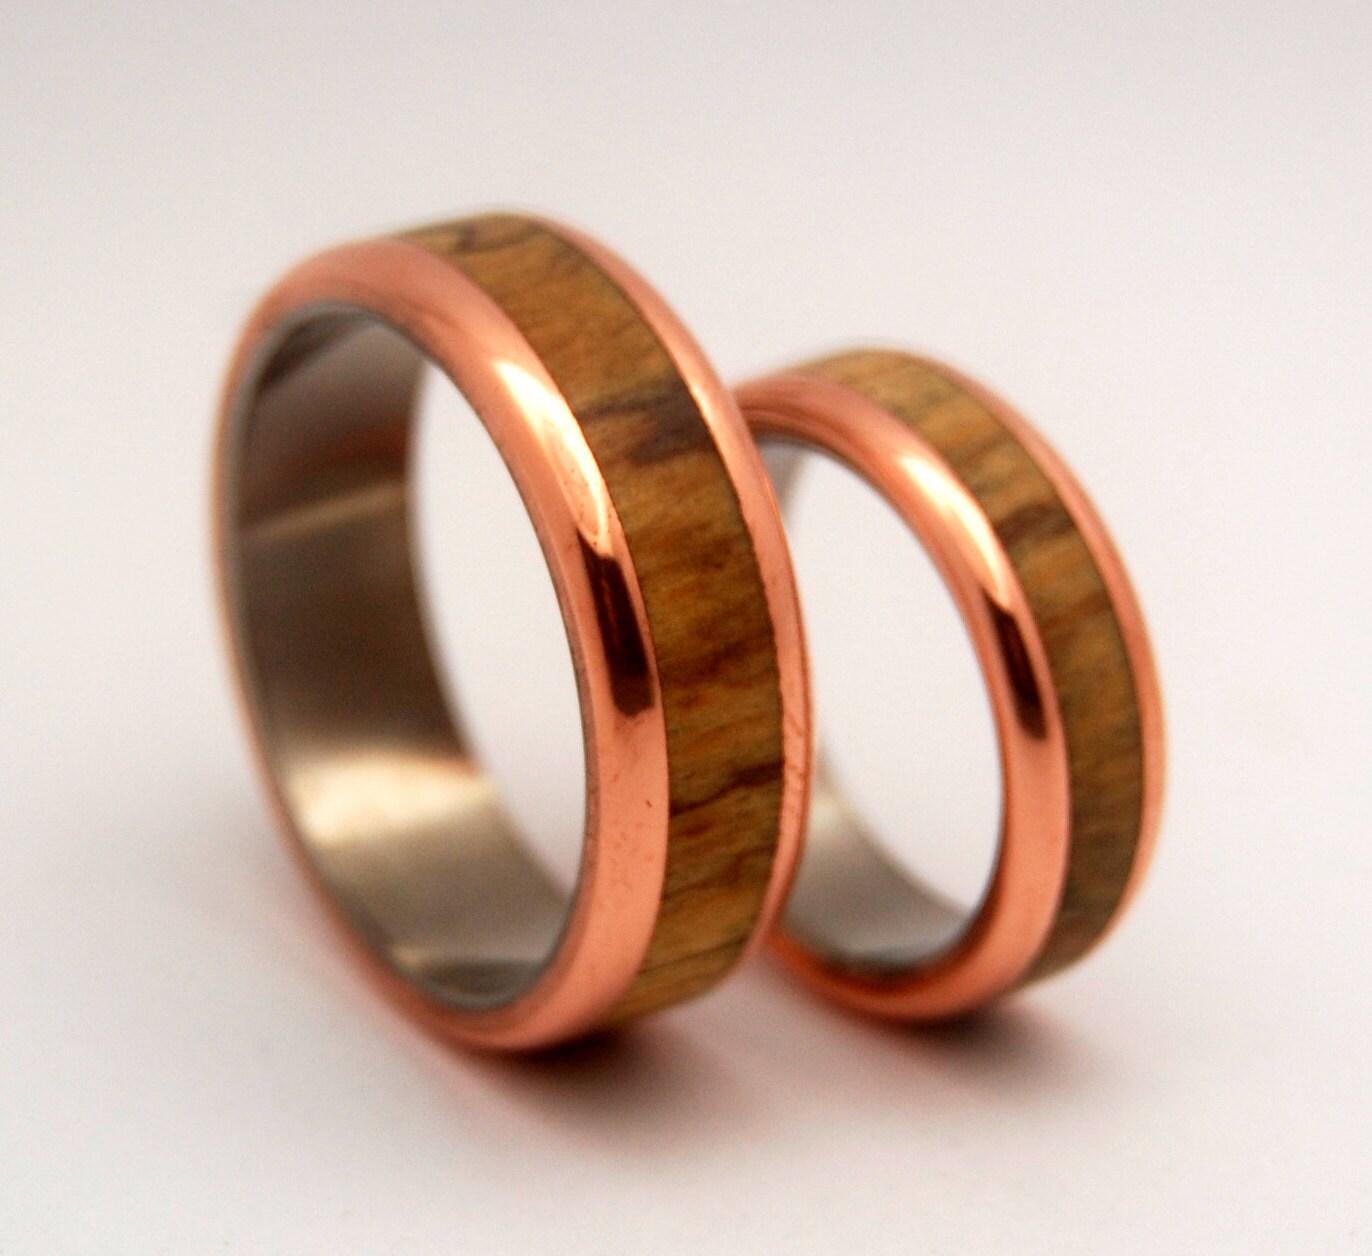 wedding rings titanium rings wood rings wooden wedding bands mens wood rings mens rings Titanium Wedding Bands zoom